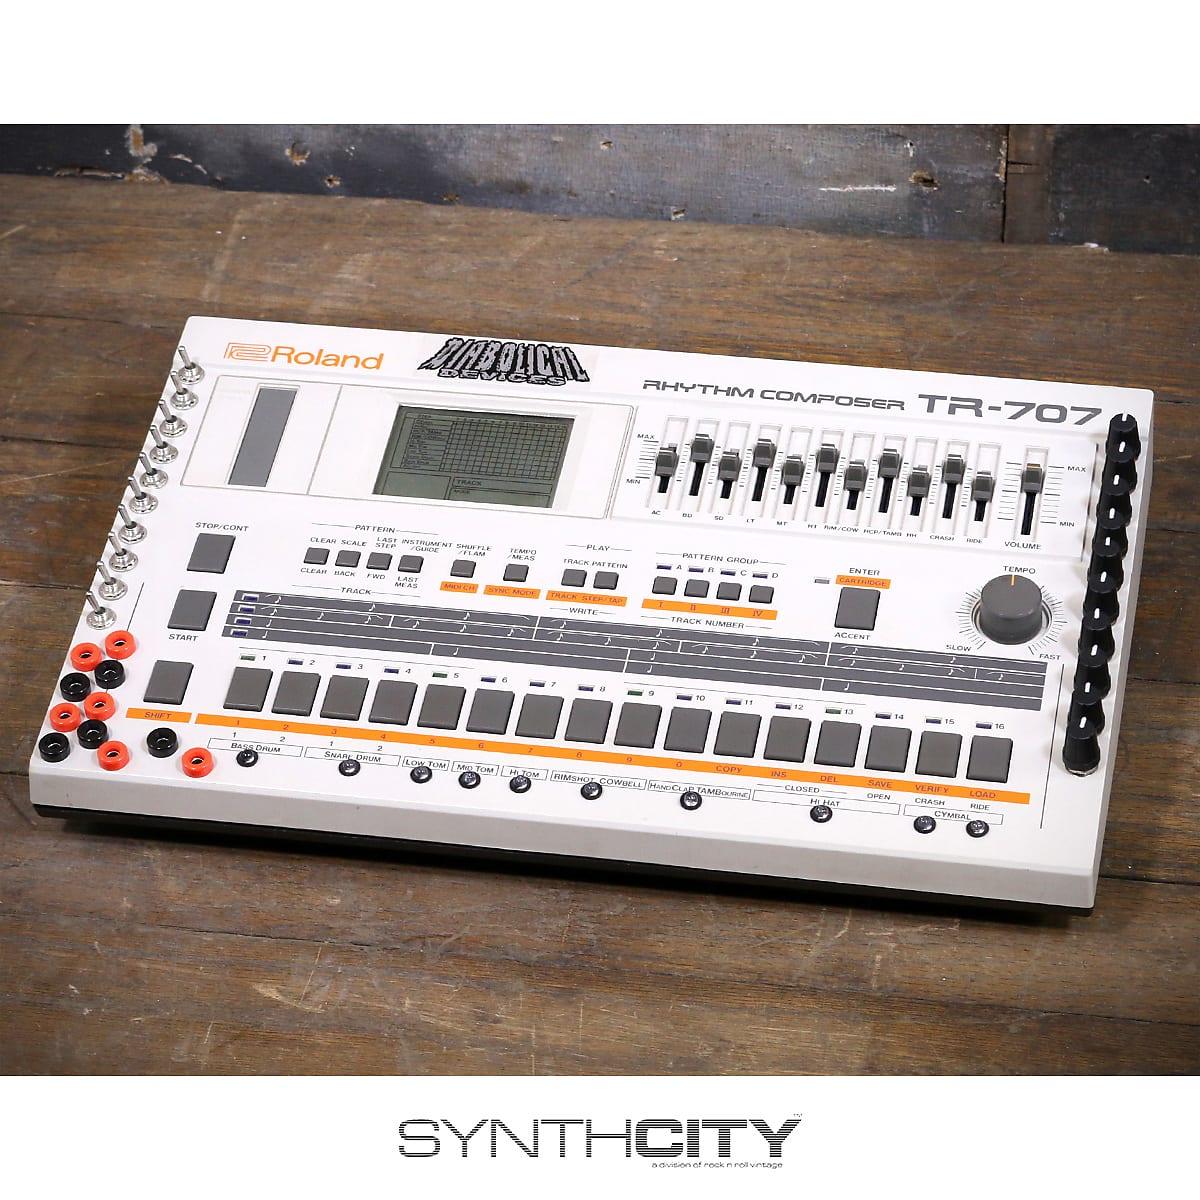 Roland TR-707 w/ Diabolical Devices Mods